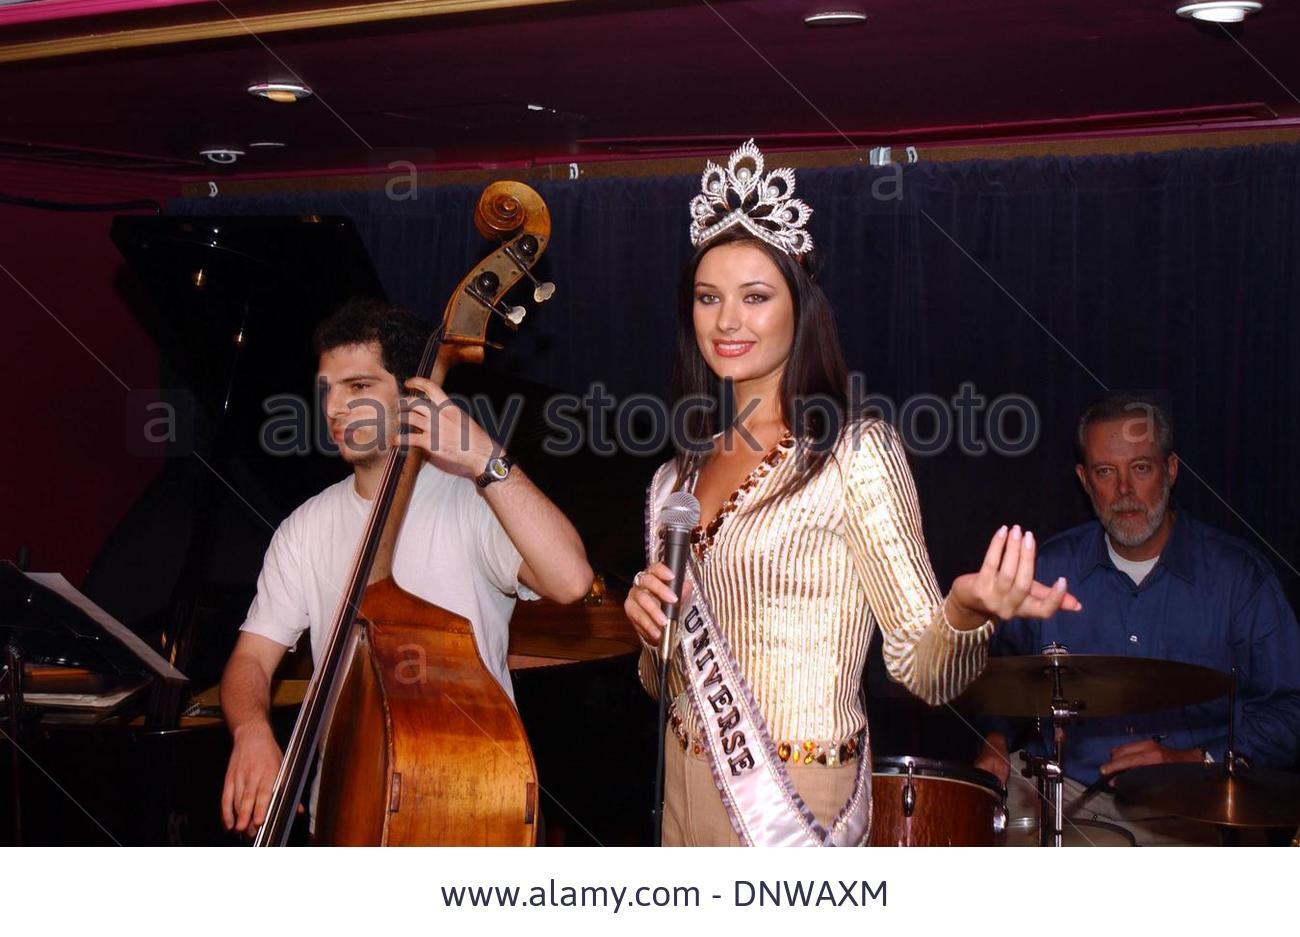 oxana fedorova, miss universe 2002 (renuncio). Qzpayhto